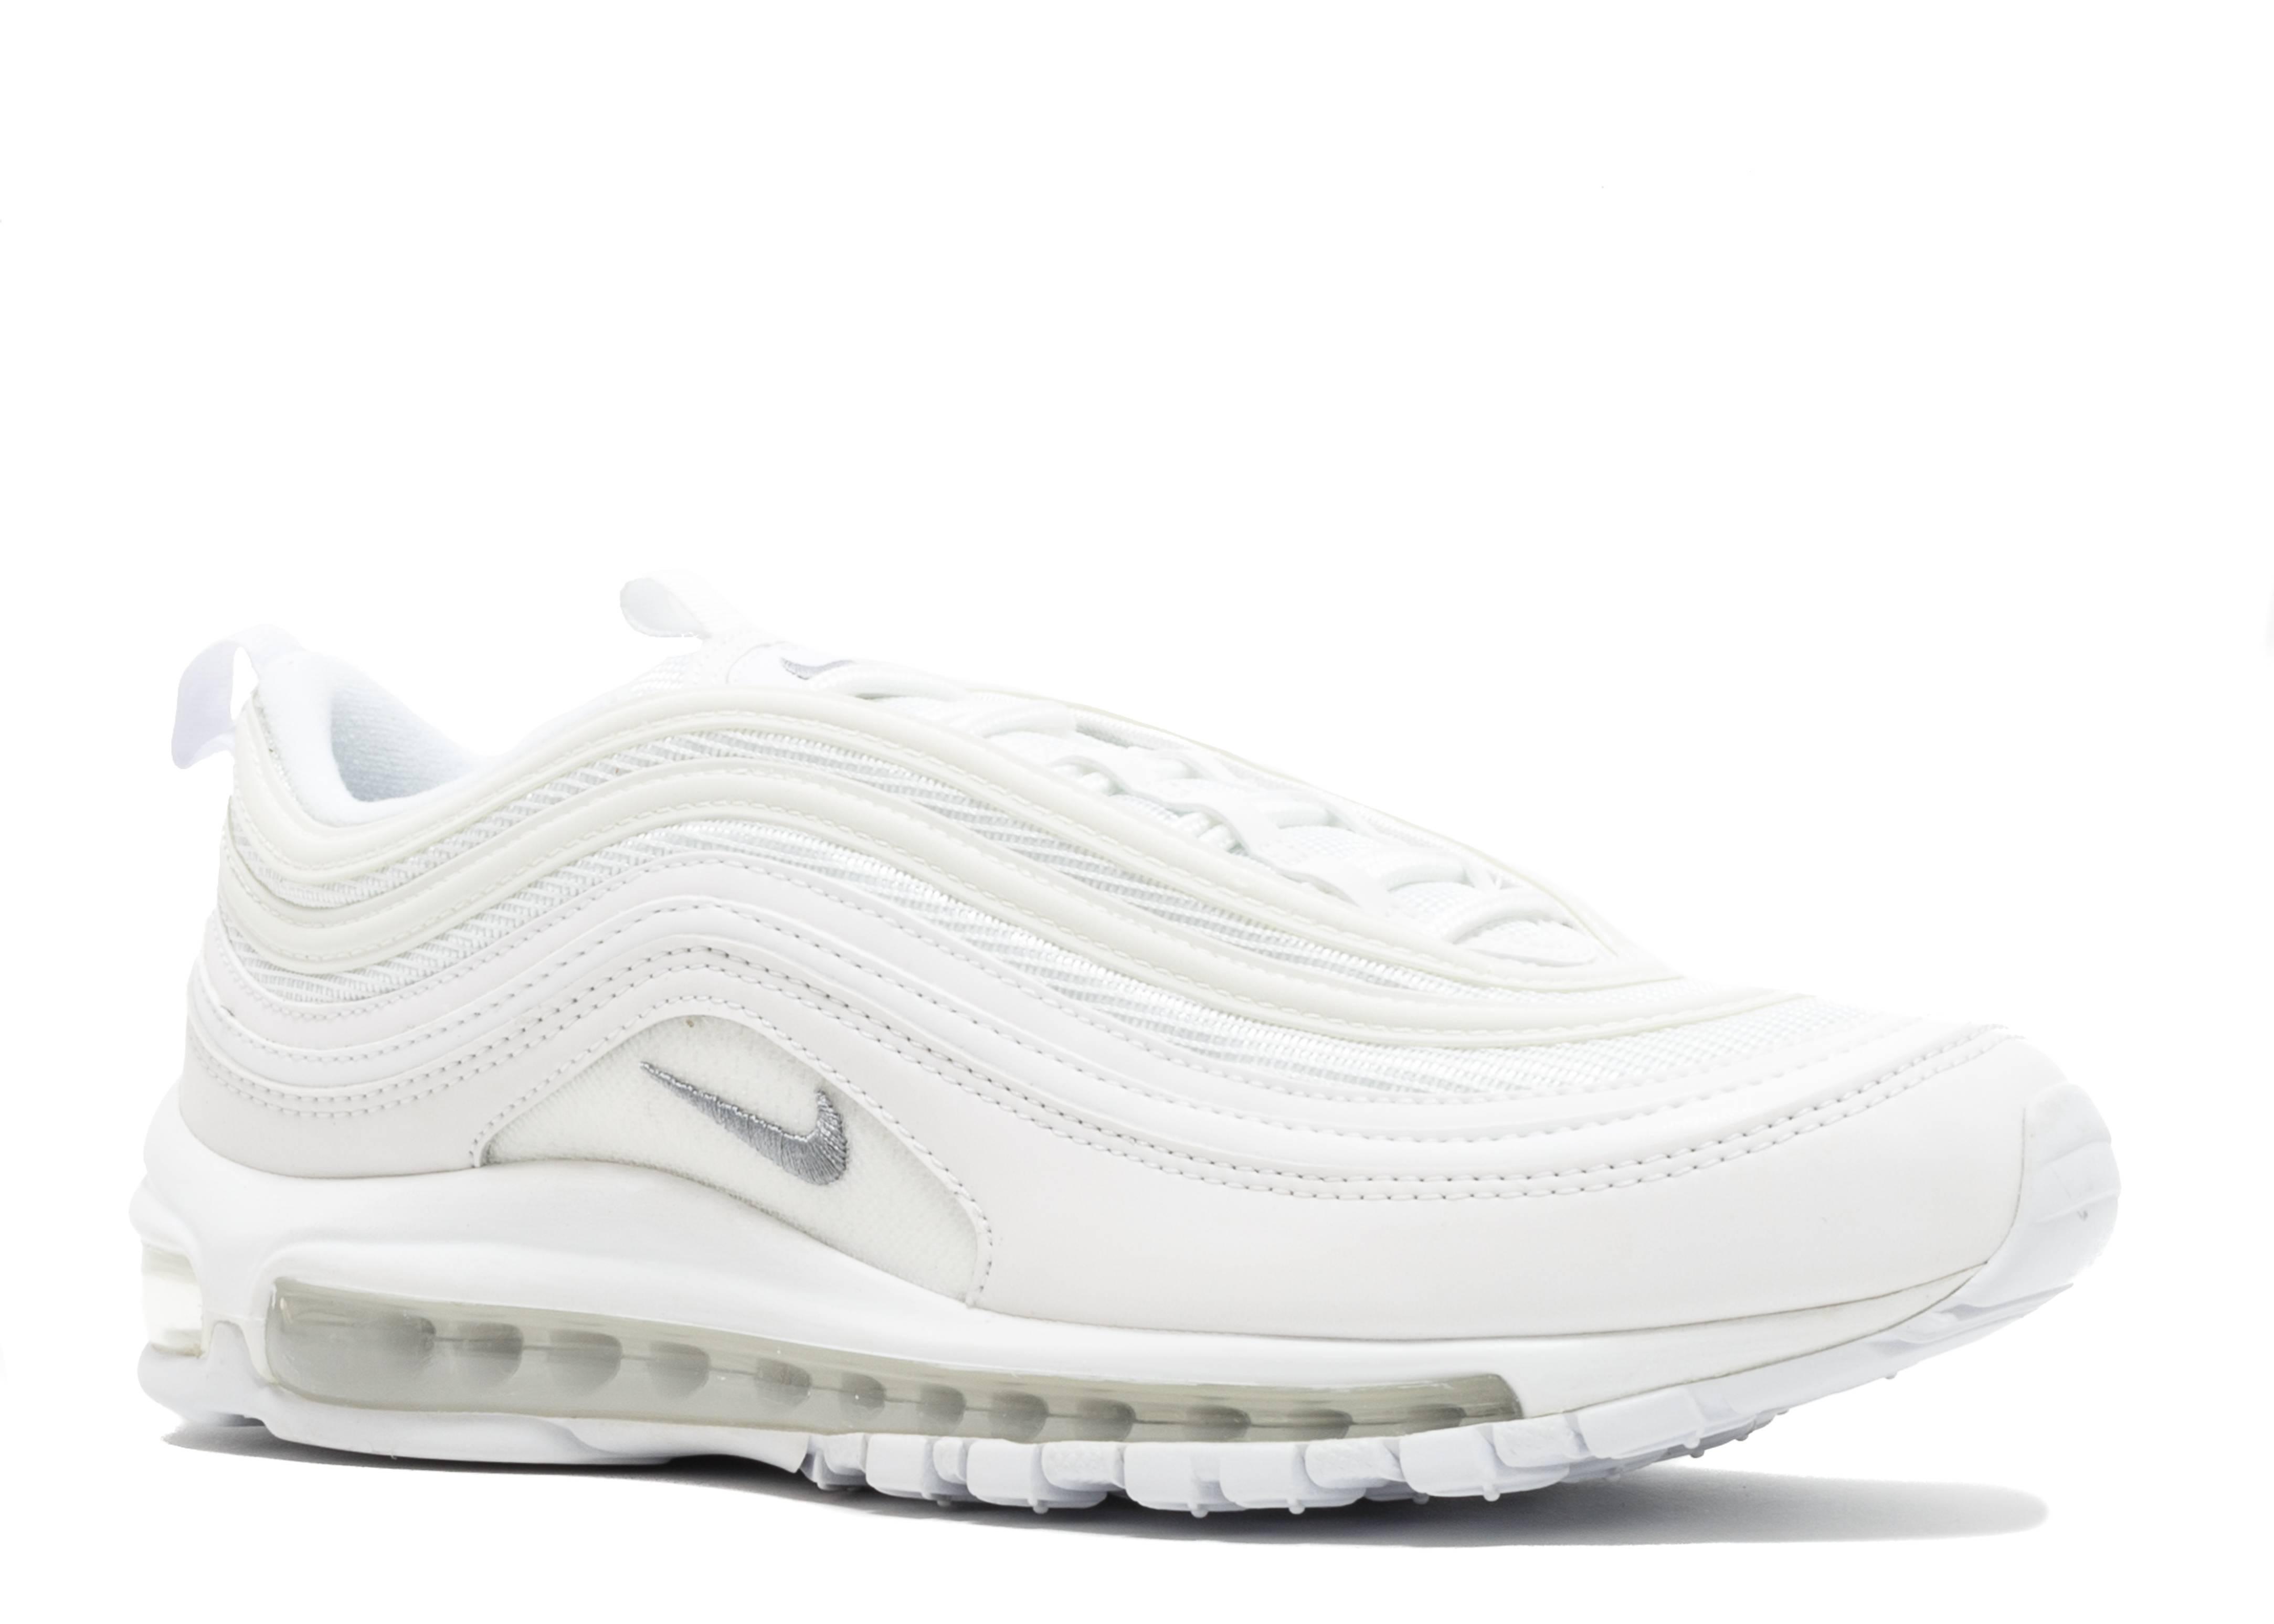 hot sale online 8d225 ac978 Nike Air Max 97